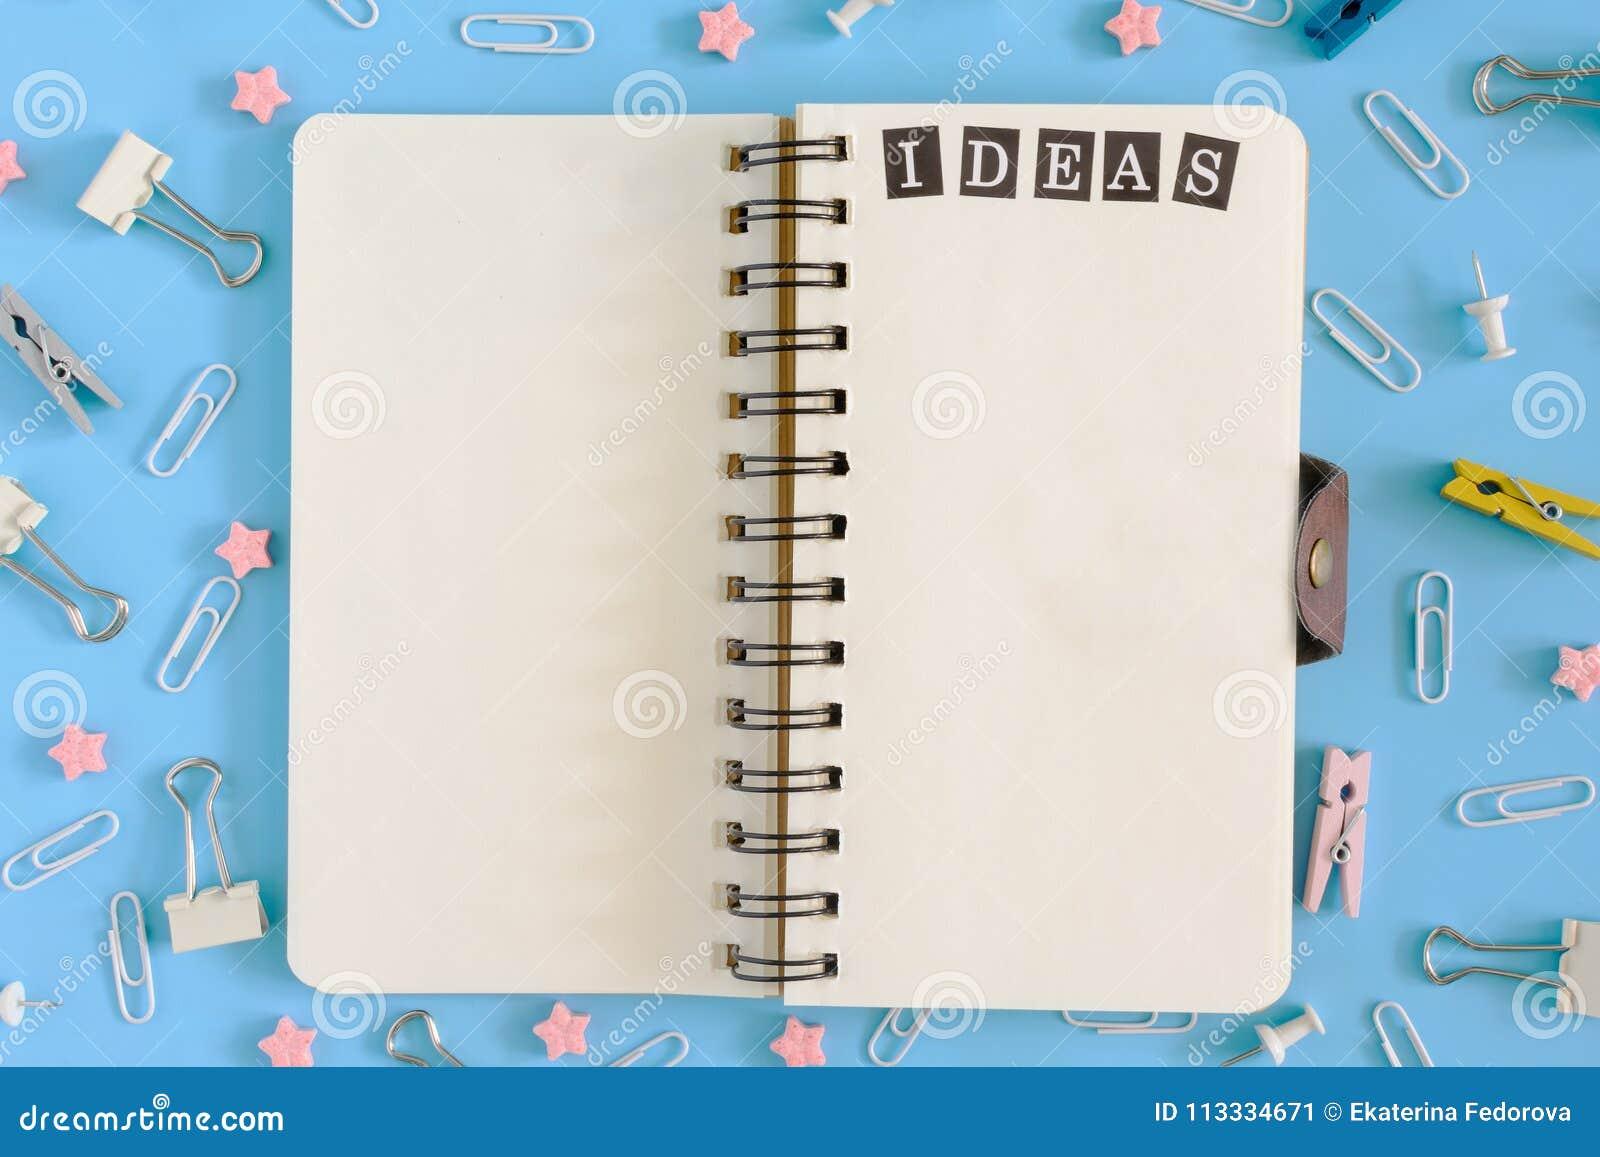 Öffnen Sie Notizbuch auf den Frühlingen mitten in der Verwirrung des Briefpapiers Aufschrift-Ideen auf der weißen Seite clips